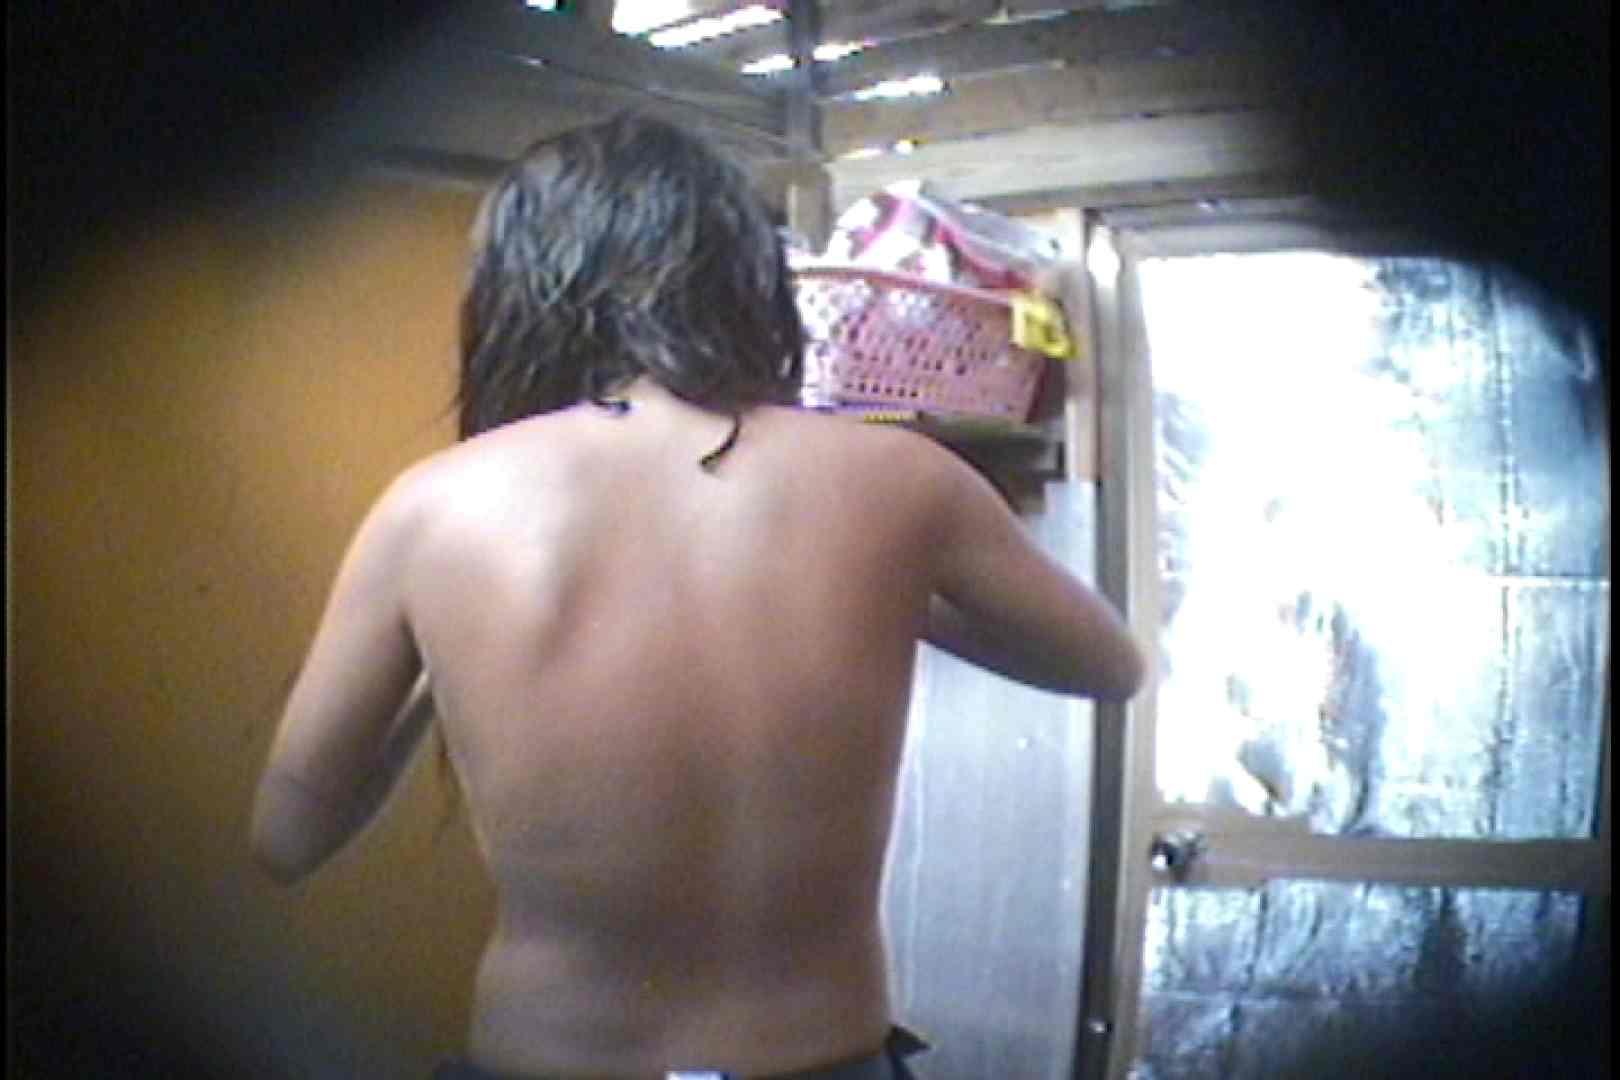 海の家の更衣室 Vol.56 シャワー中   美女達のヌード  69連発 34